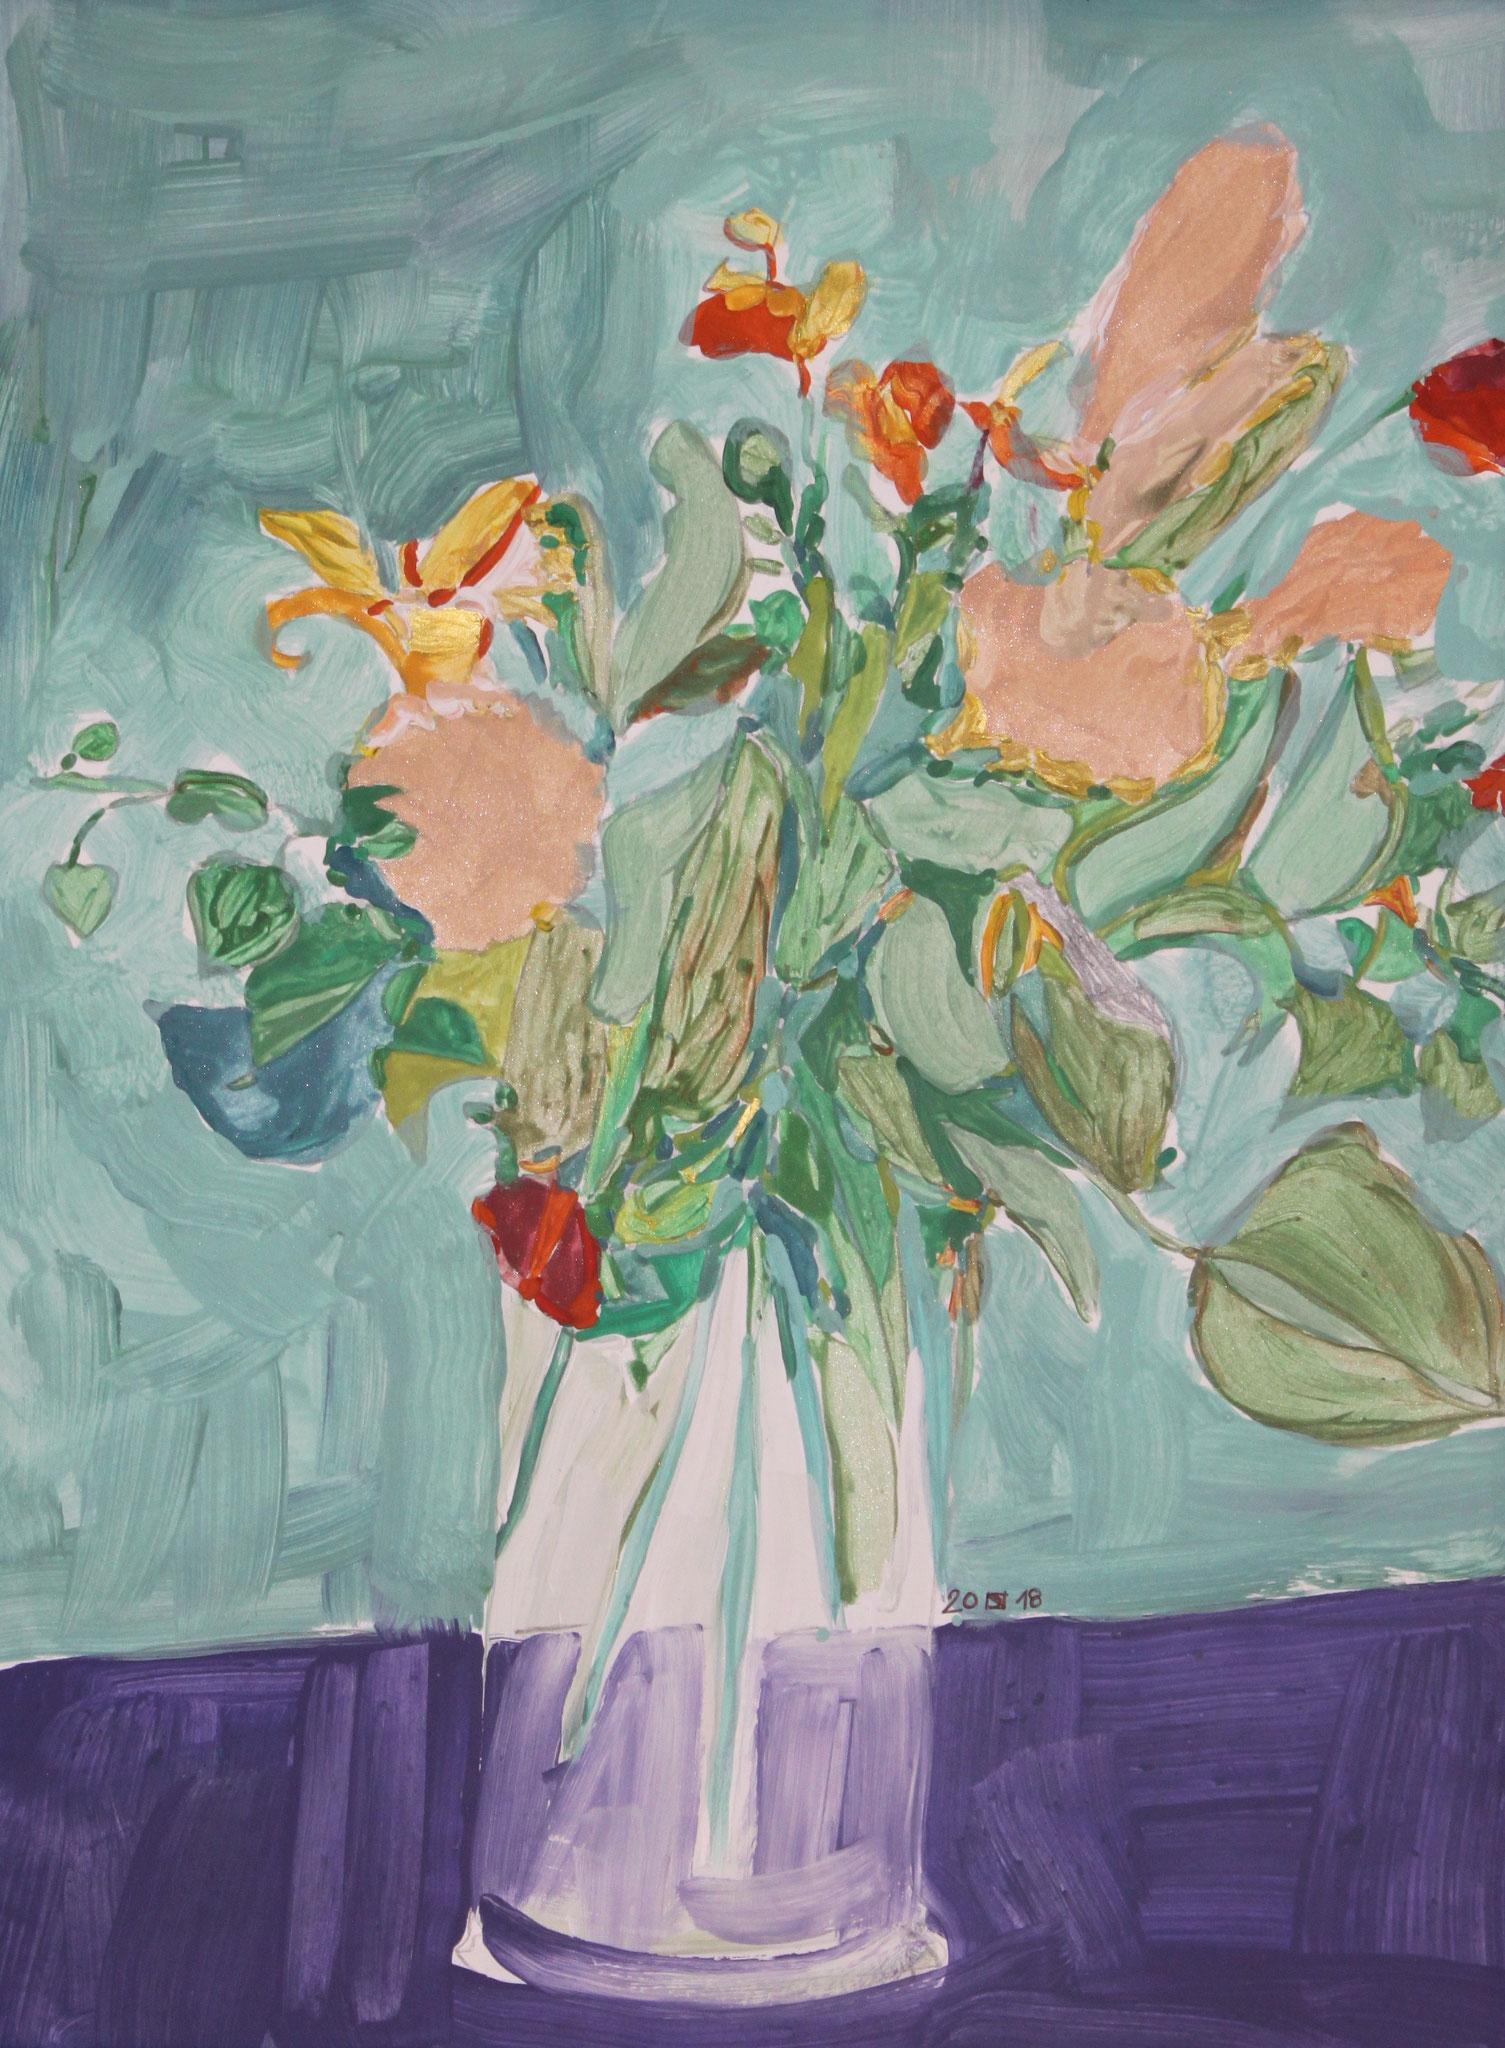 Nelken, 2018, Gouache und Aquarell auf Papier, 42 cm x 30 cm